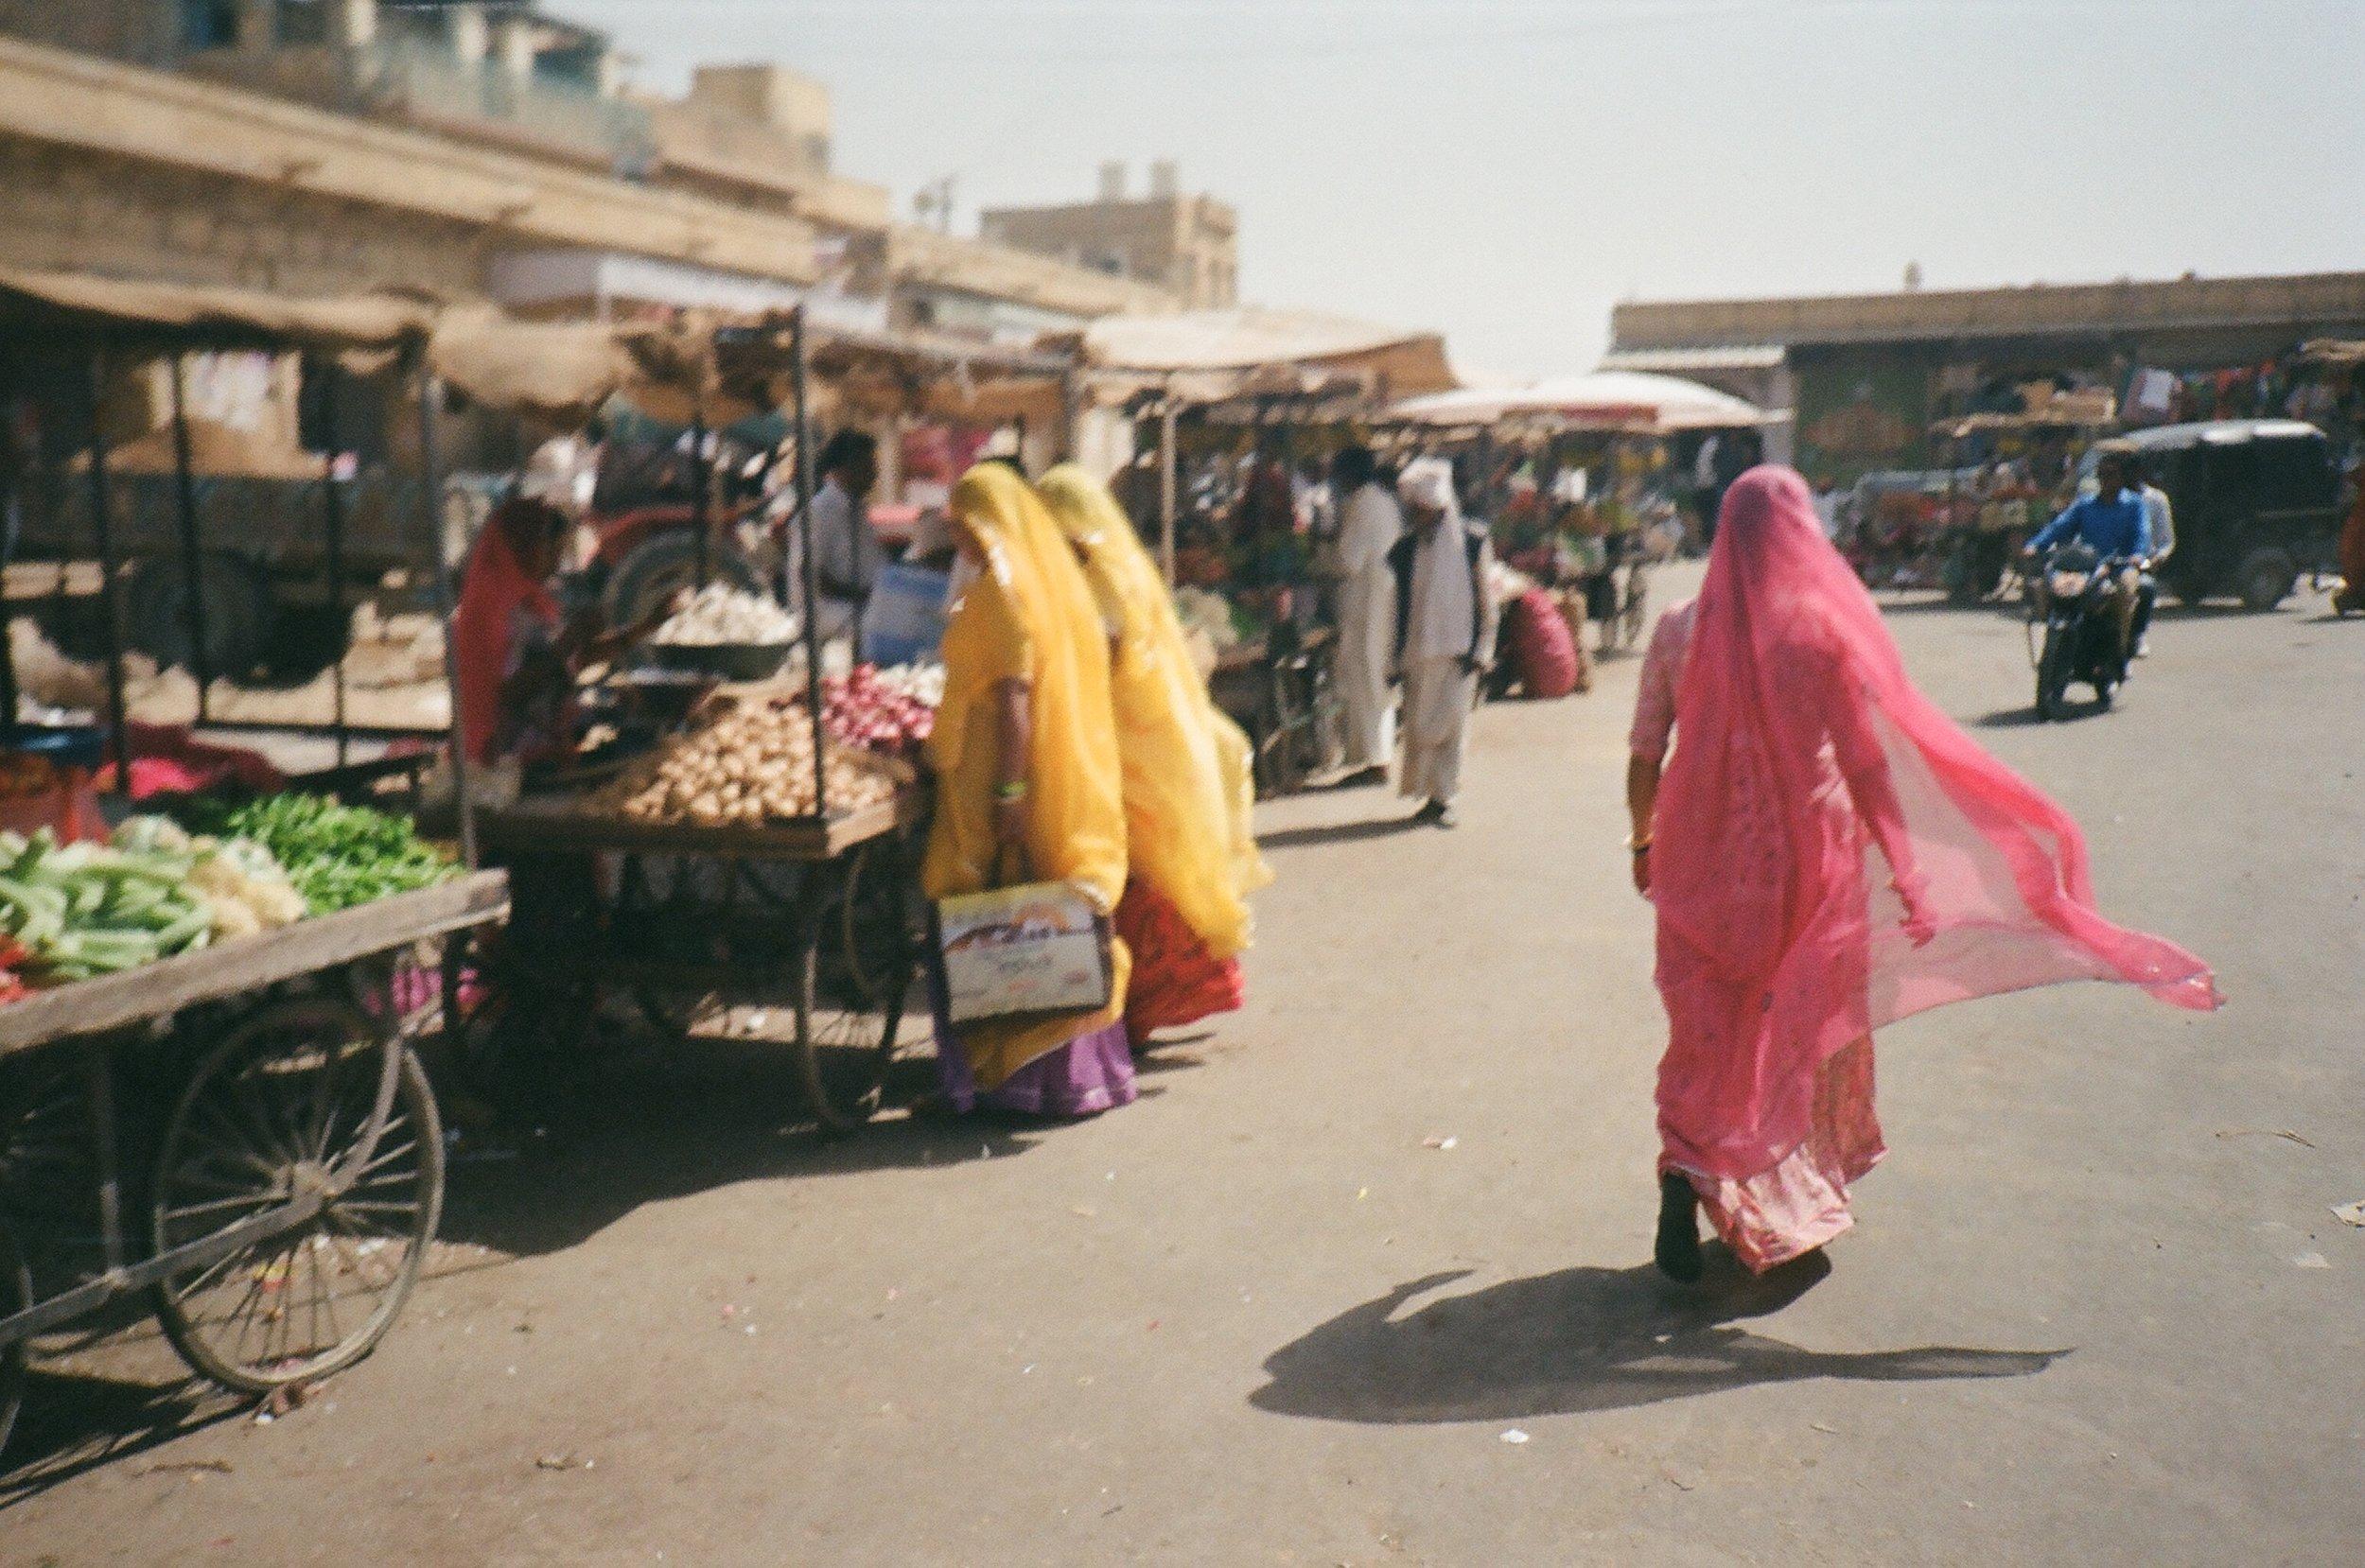 Market_jaisalmer_india_eagertourist.jpg